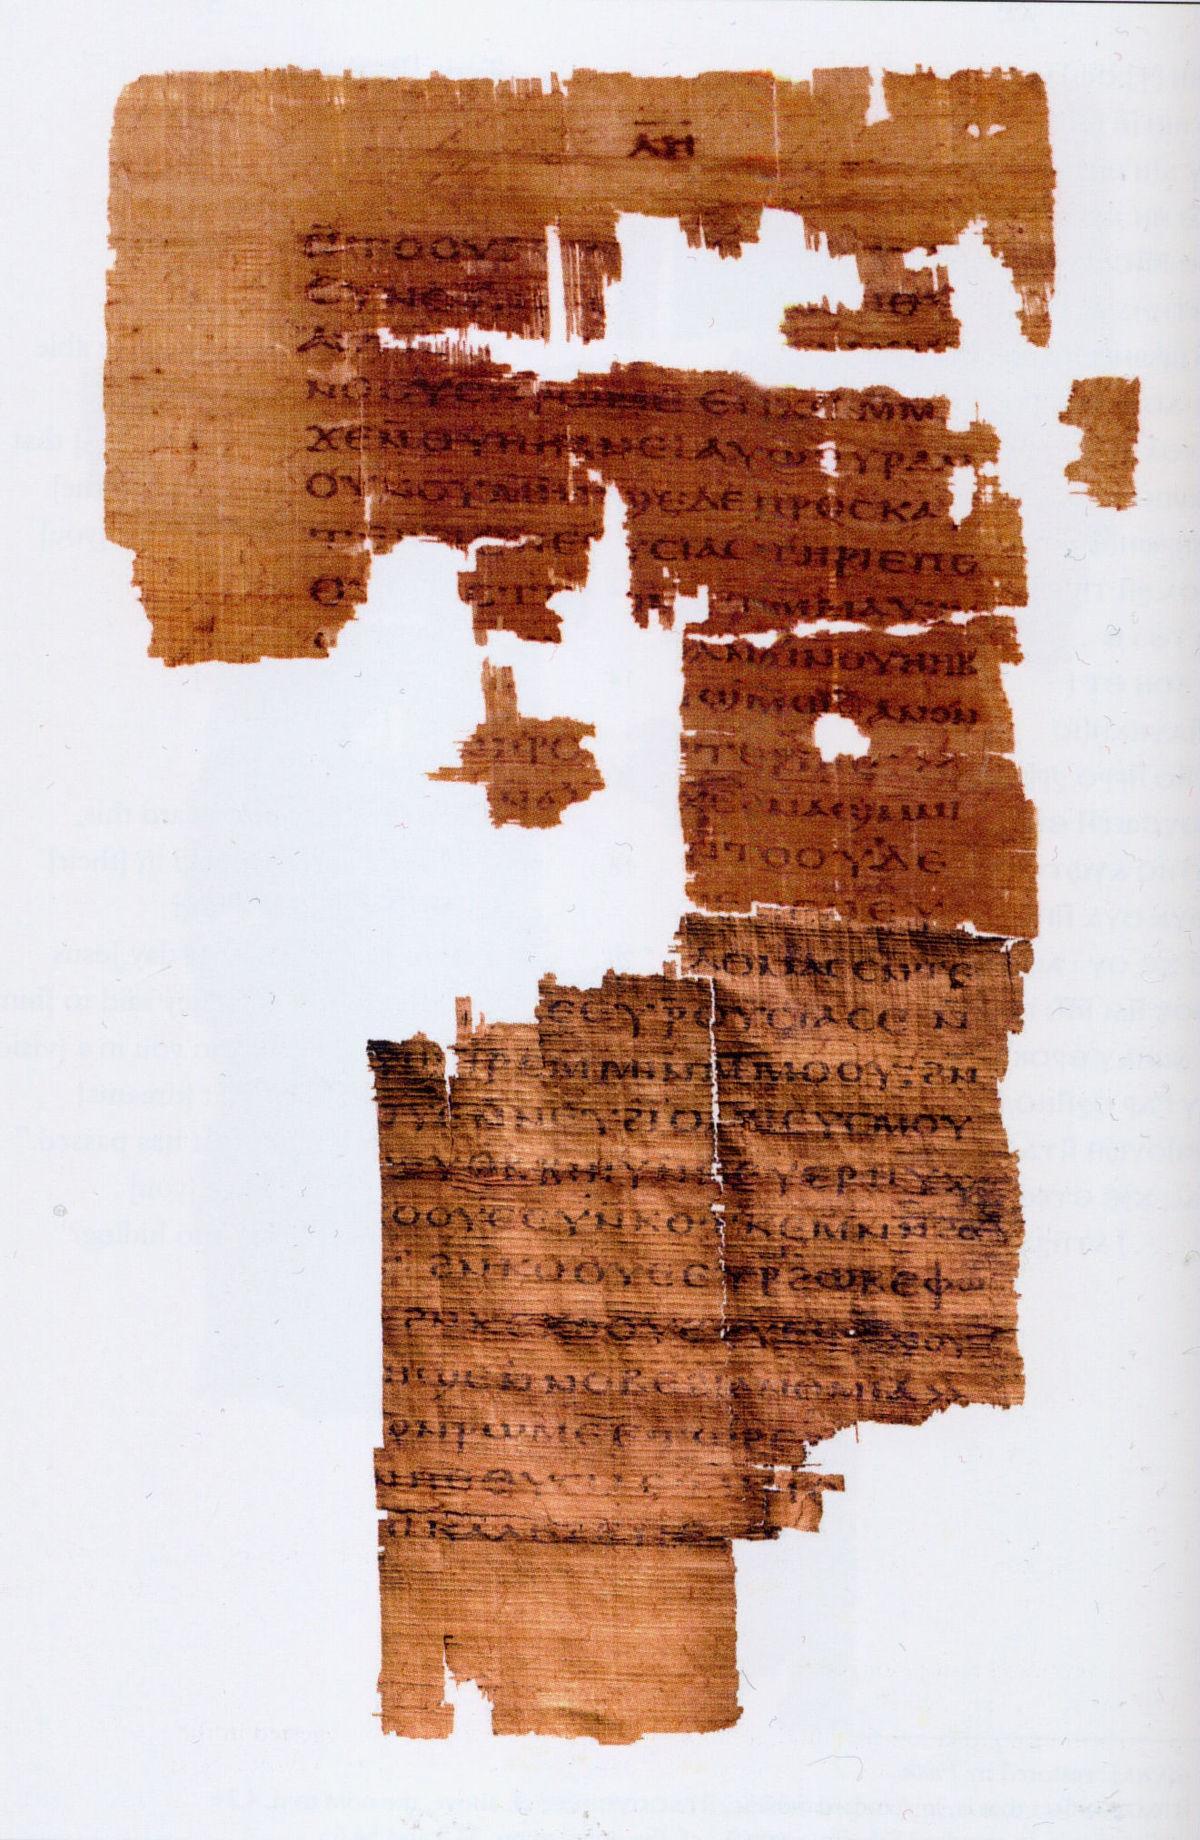 De madalena evangelho pdf maria